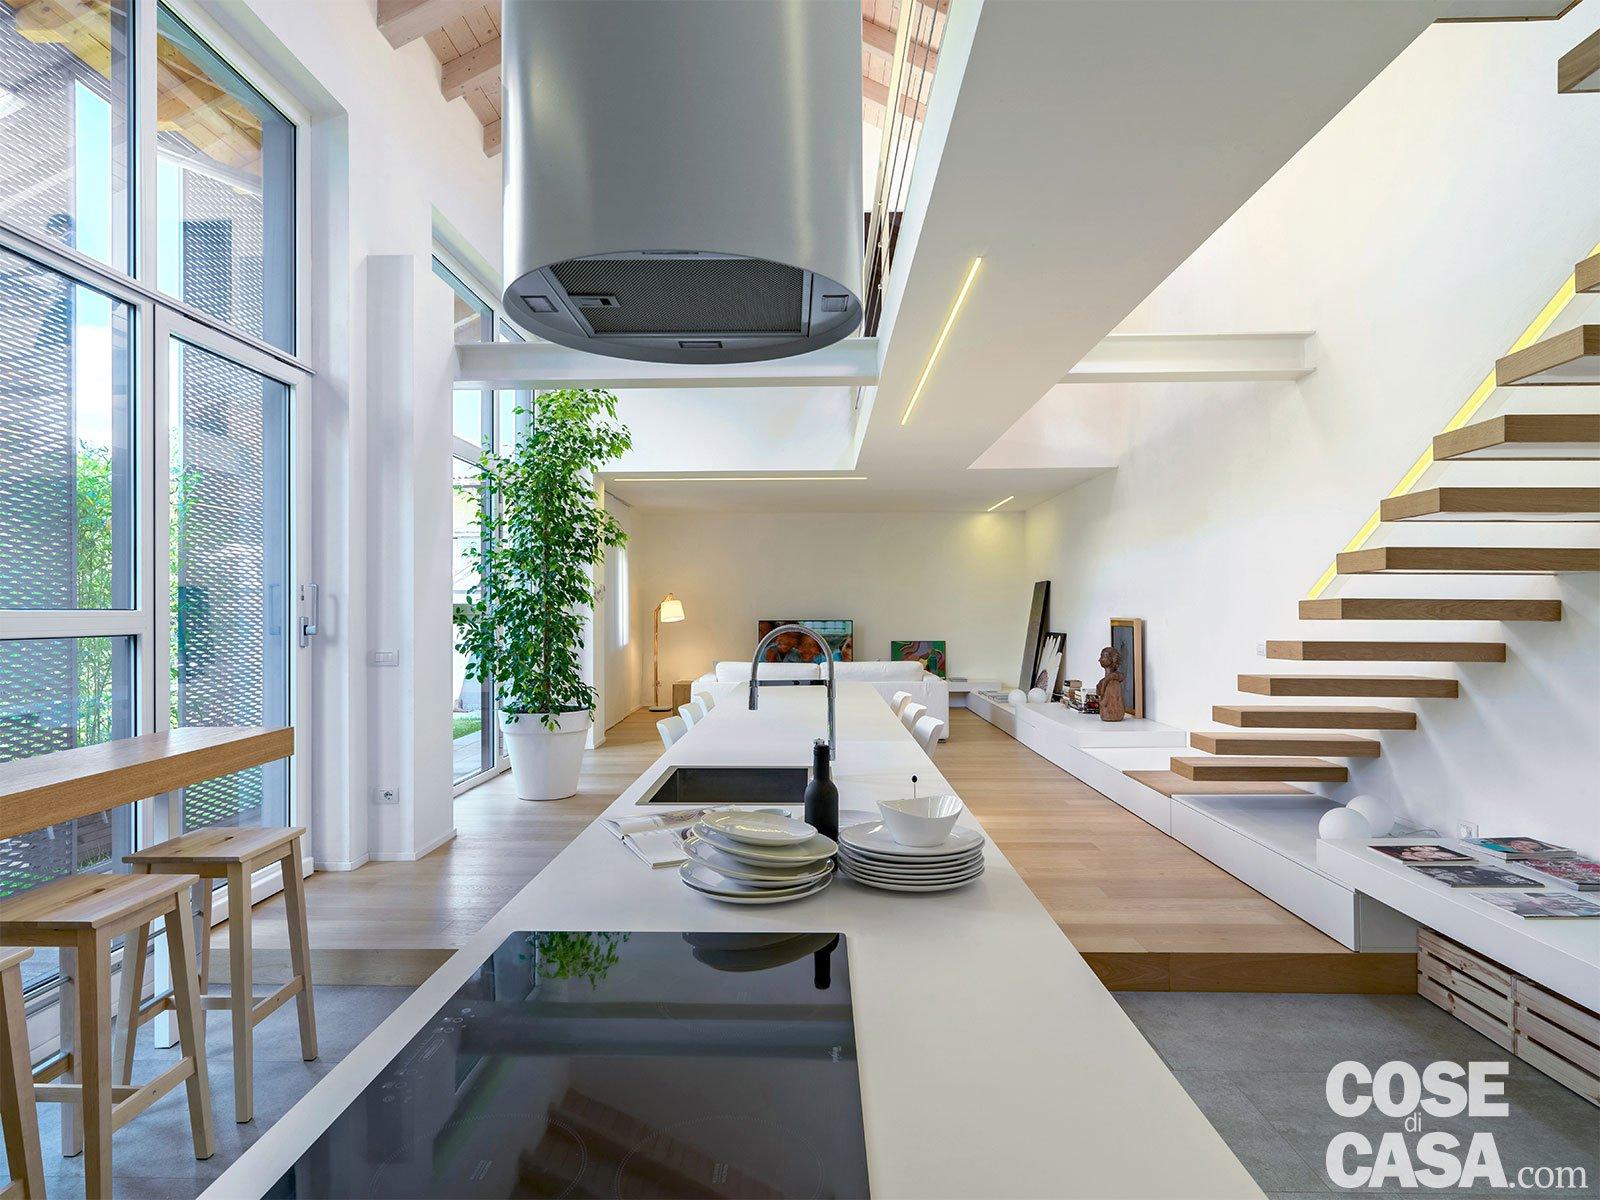 Loft una casa sottotetto a doppia altezza cose di casa for Piano casa di 3400 metri quadrati